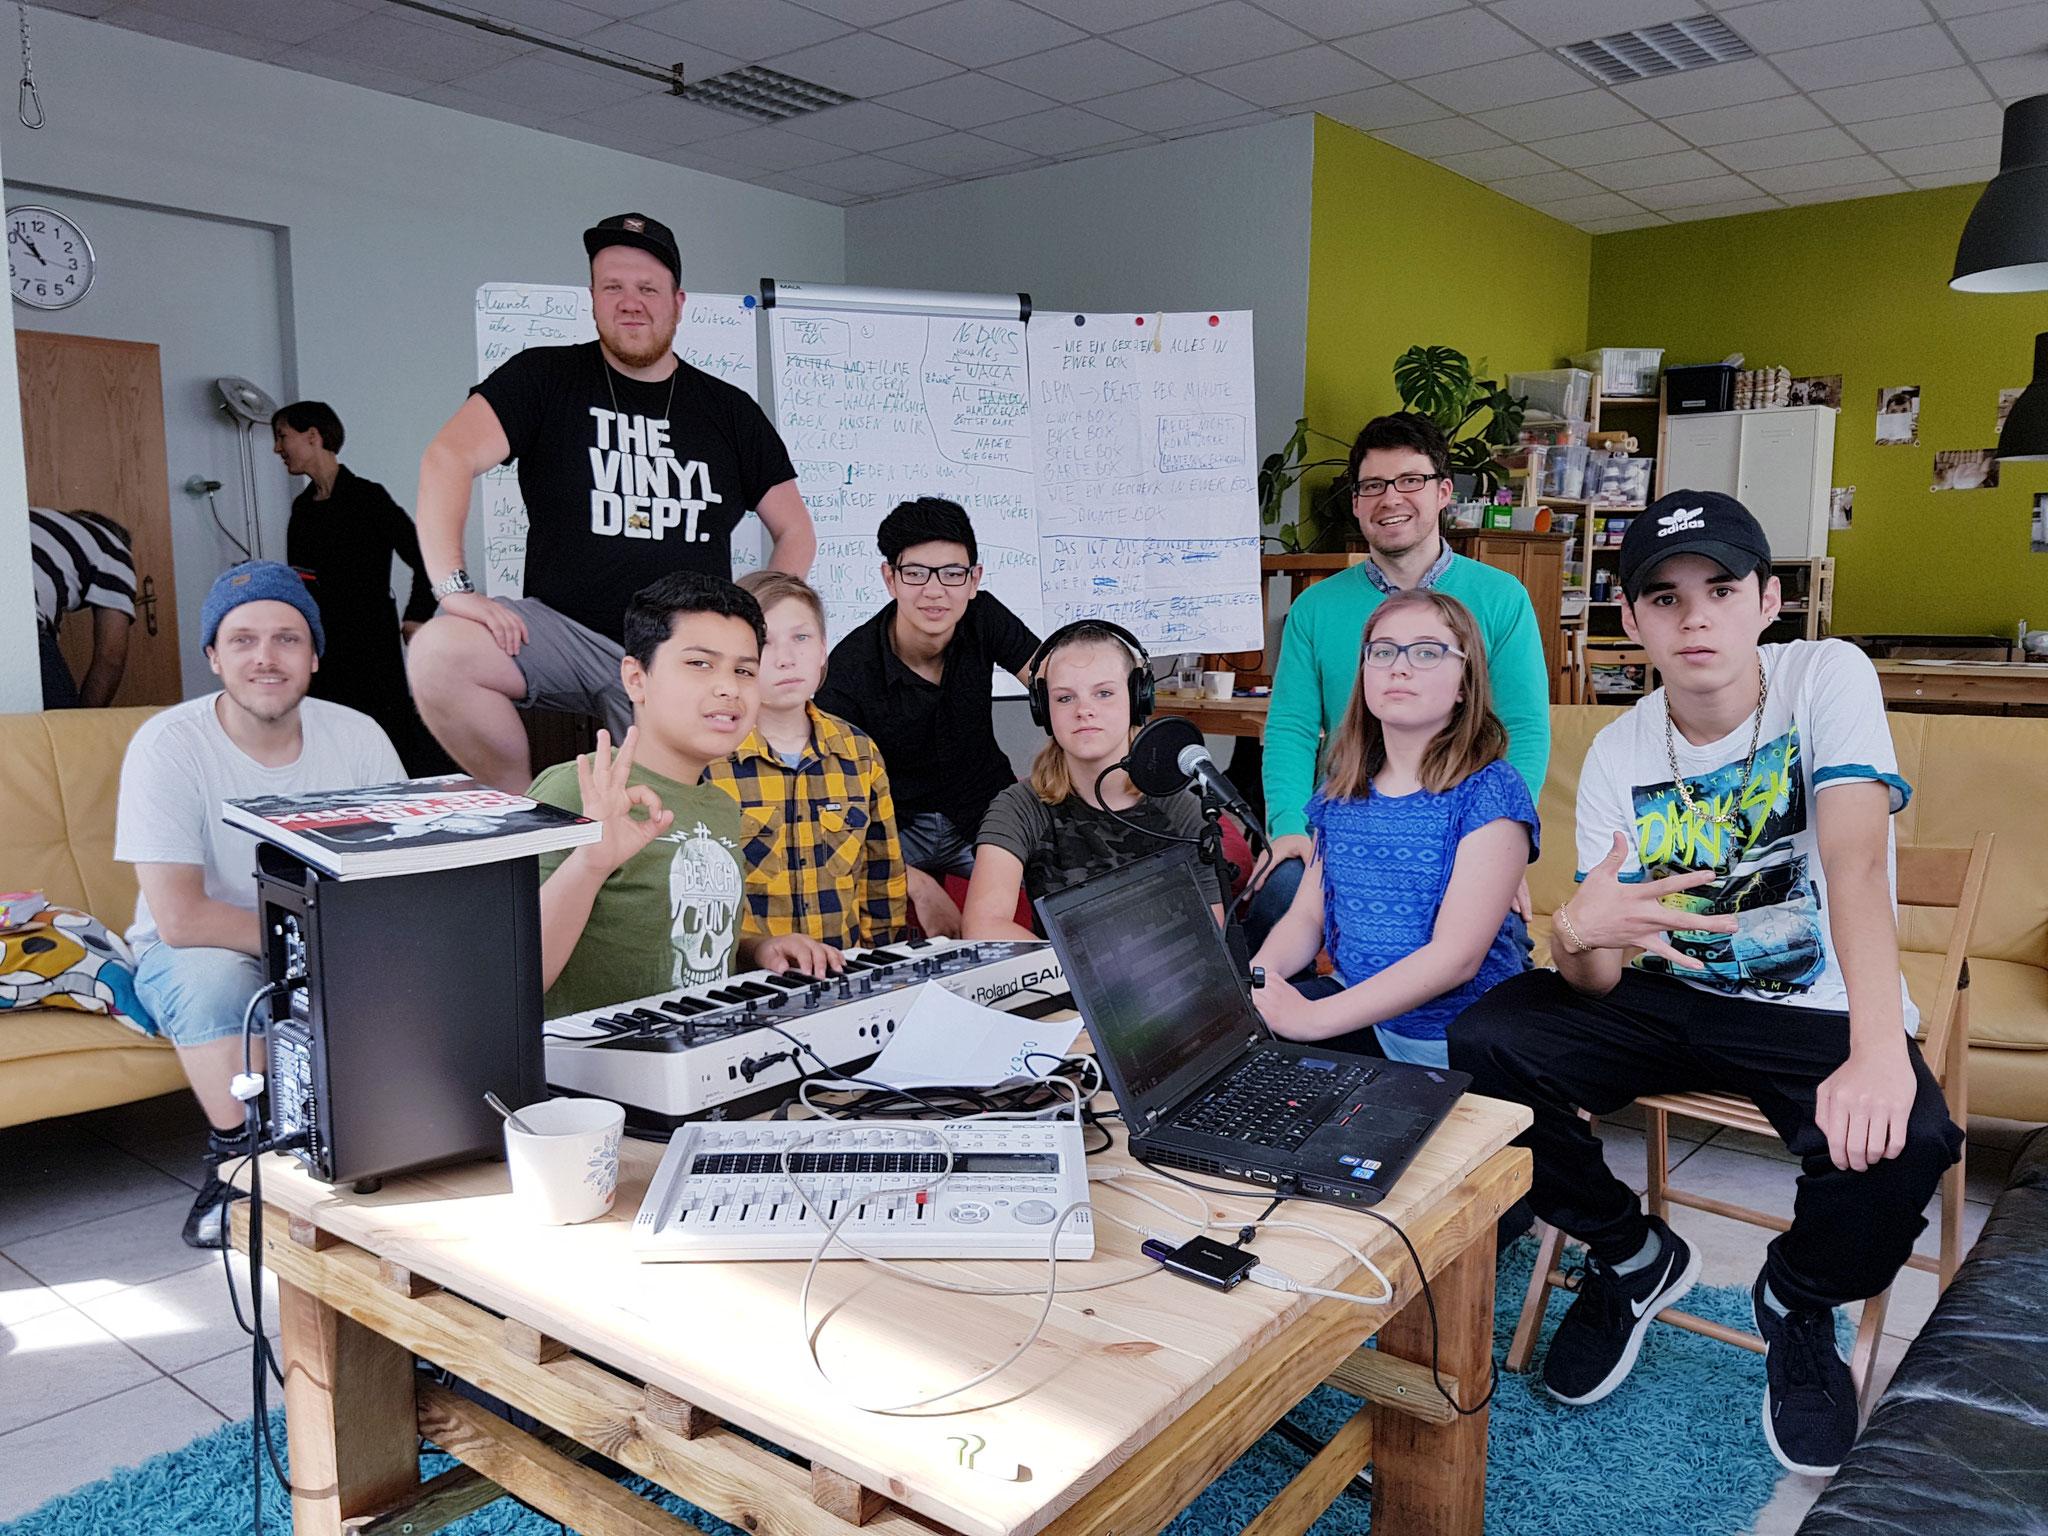 Teilnehmer des Hip-Hop-Workshops